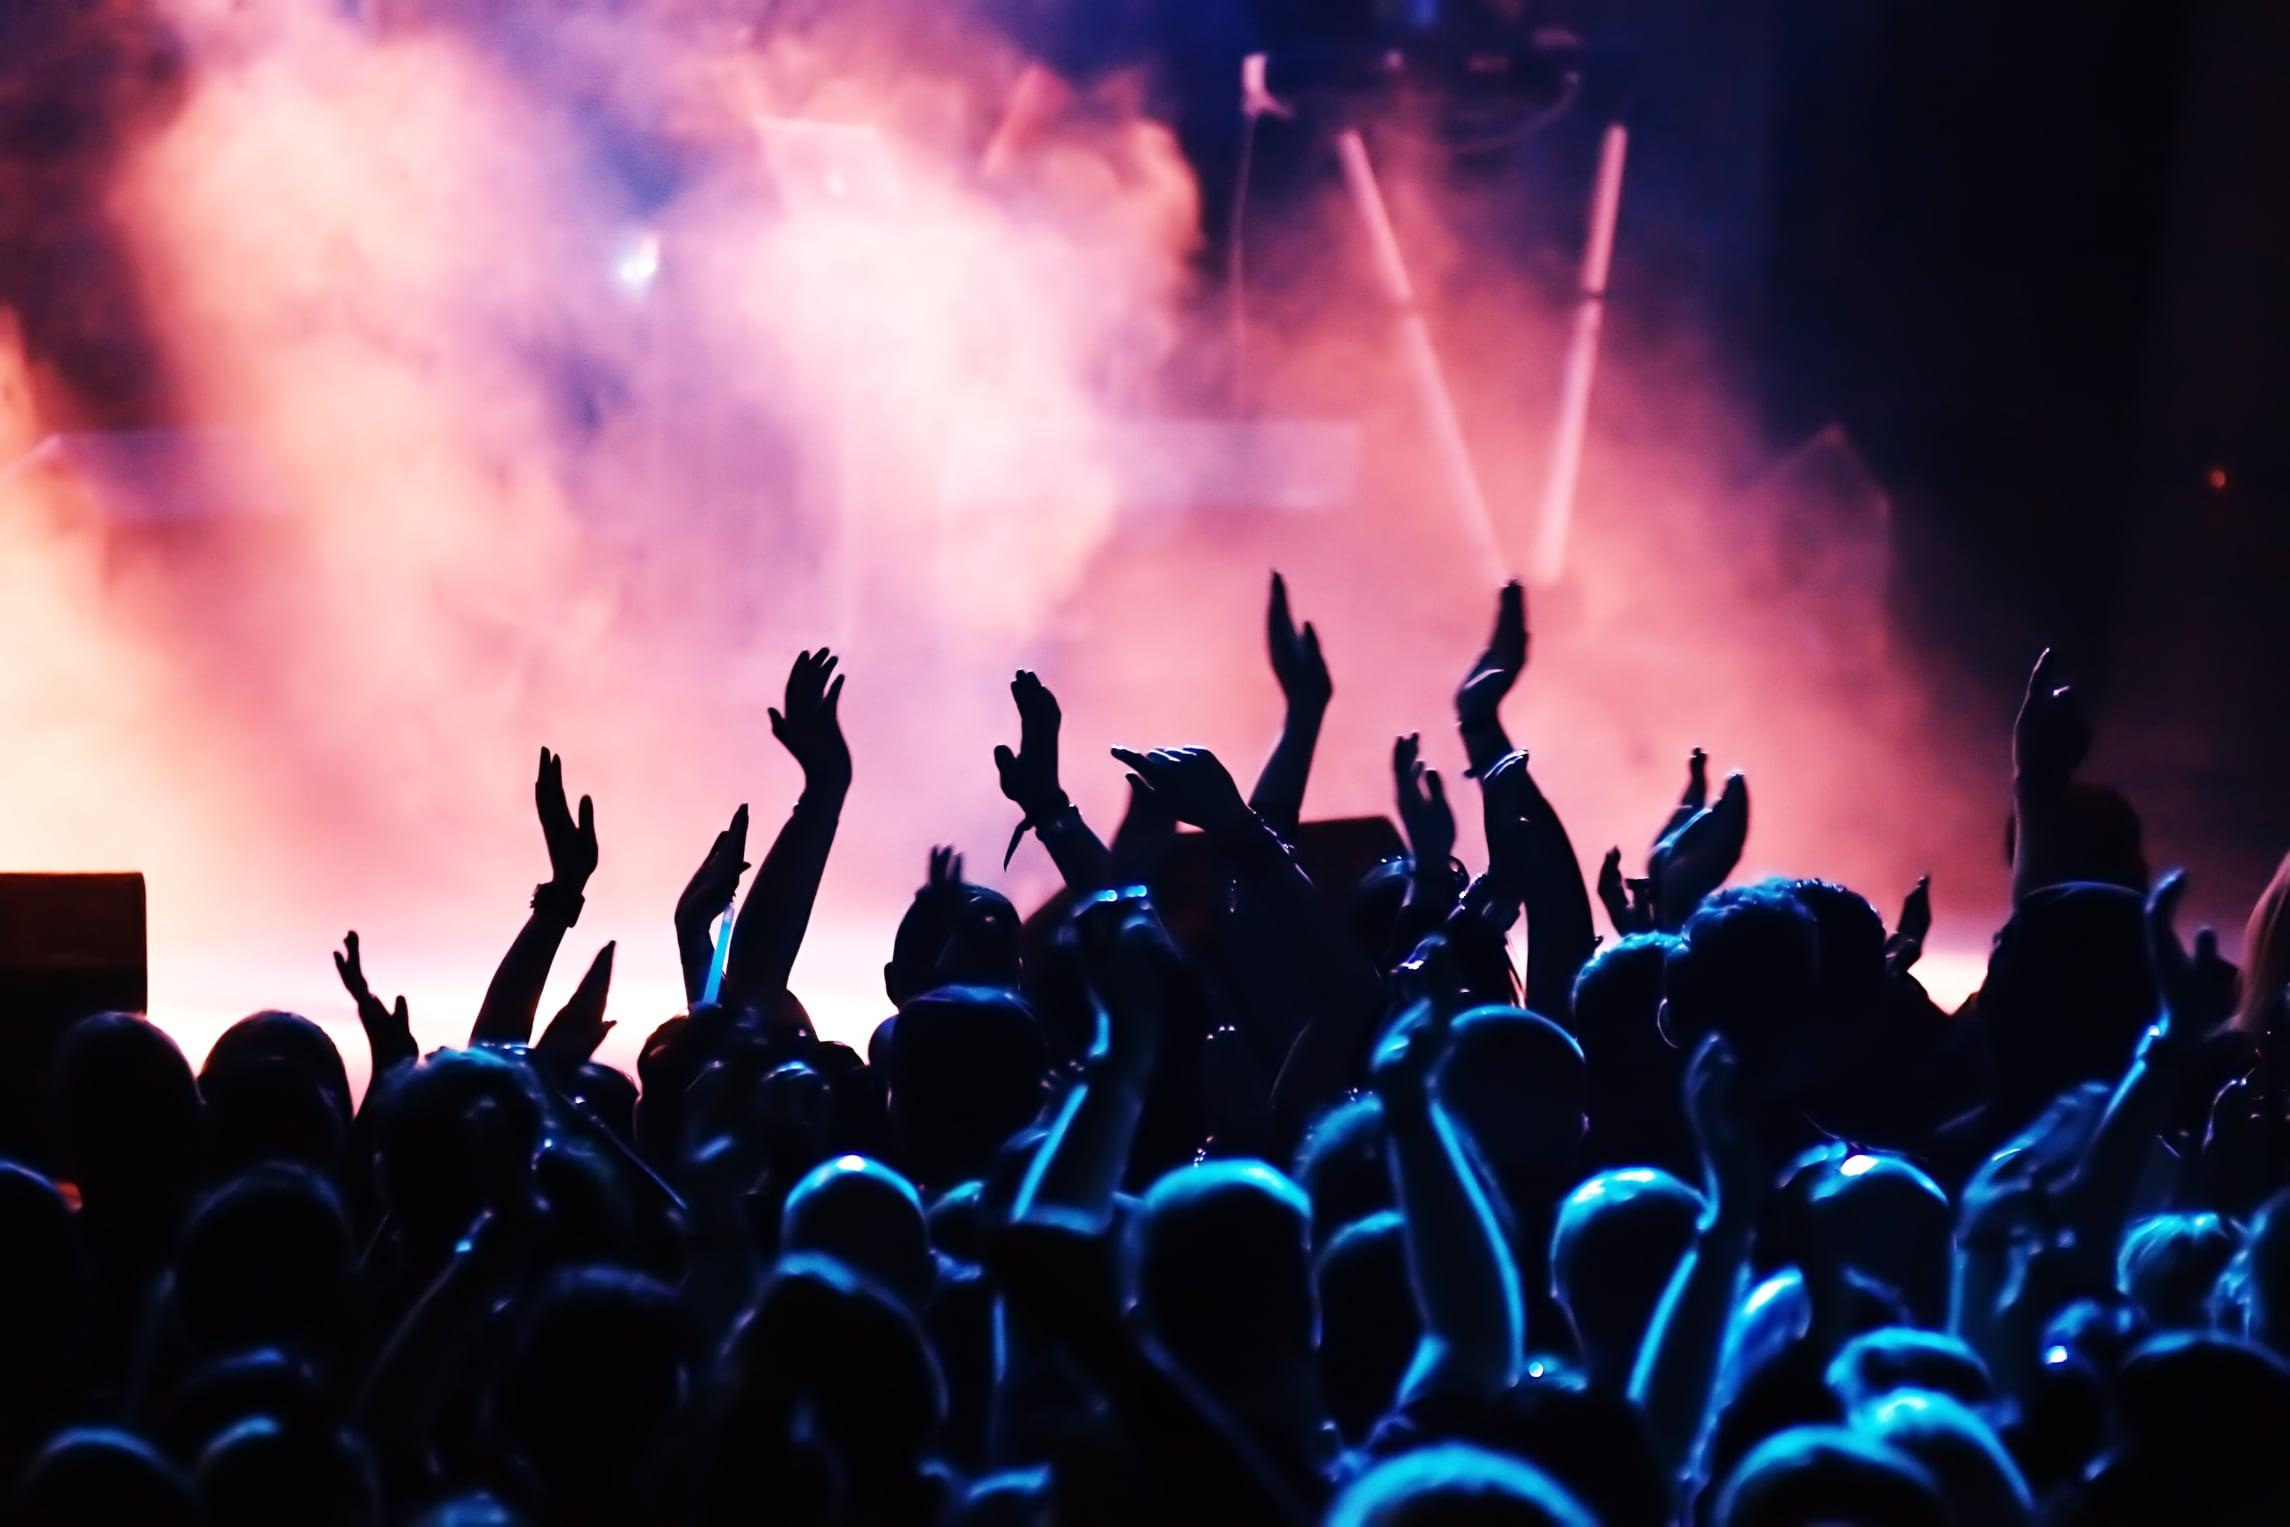 concert-crowd.jpg